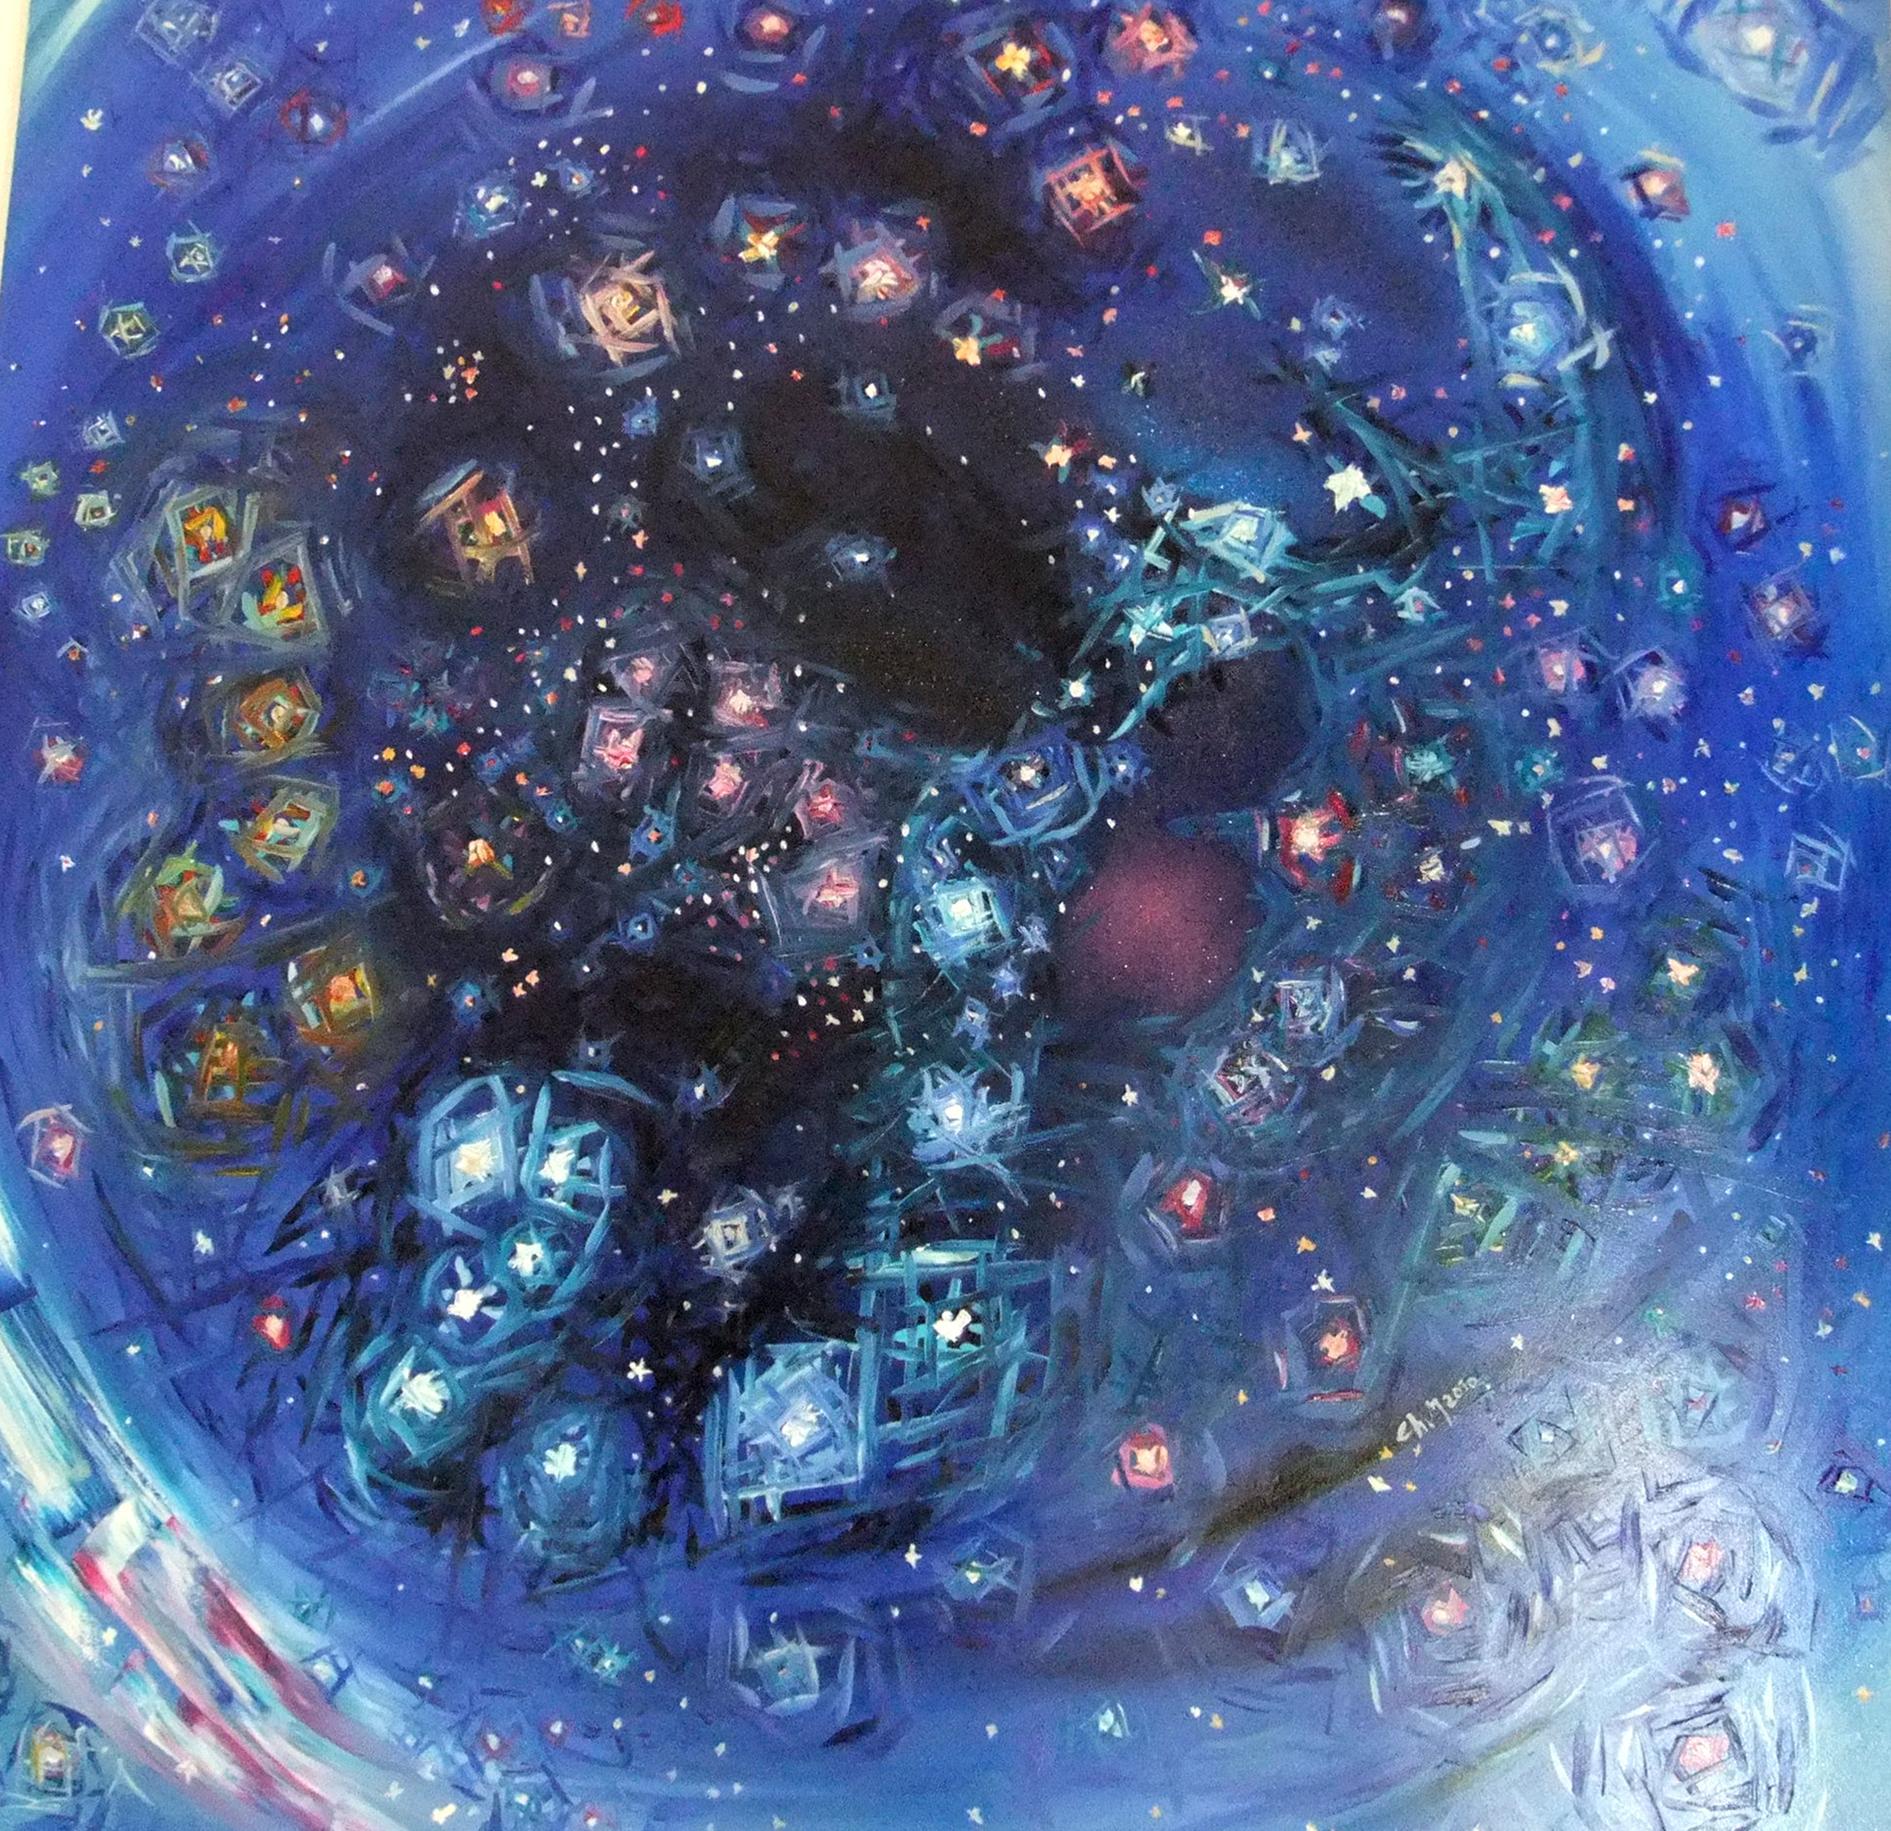 Cielo Stellato (My Stars) - ChiM - Artwork Celeste Prize